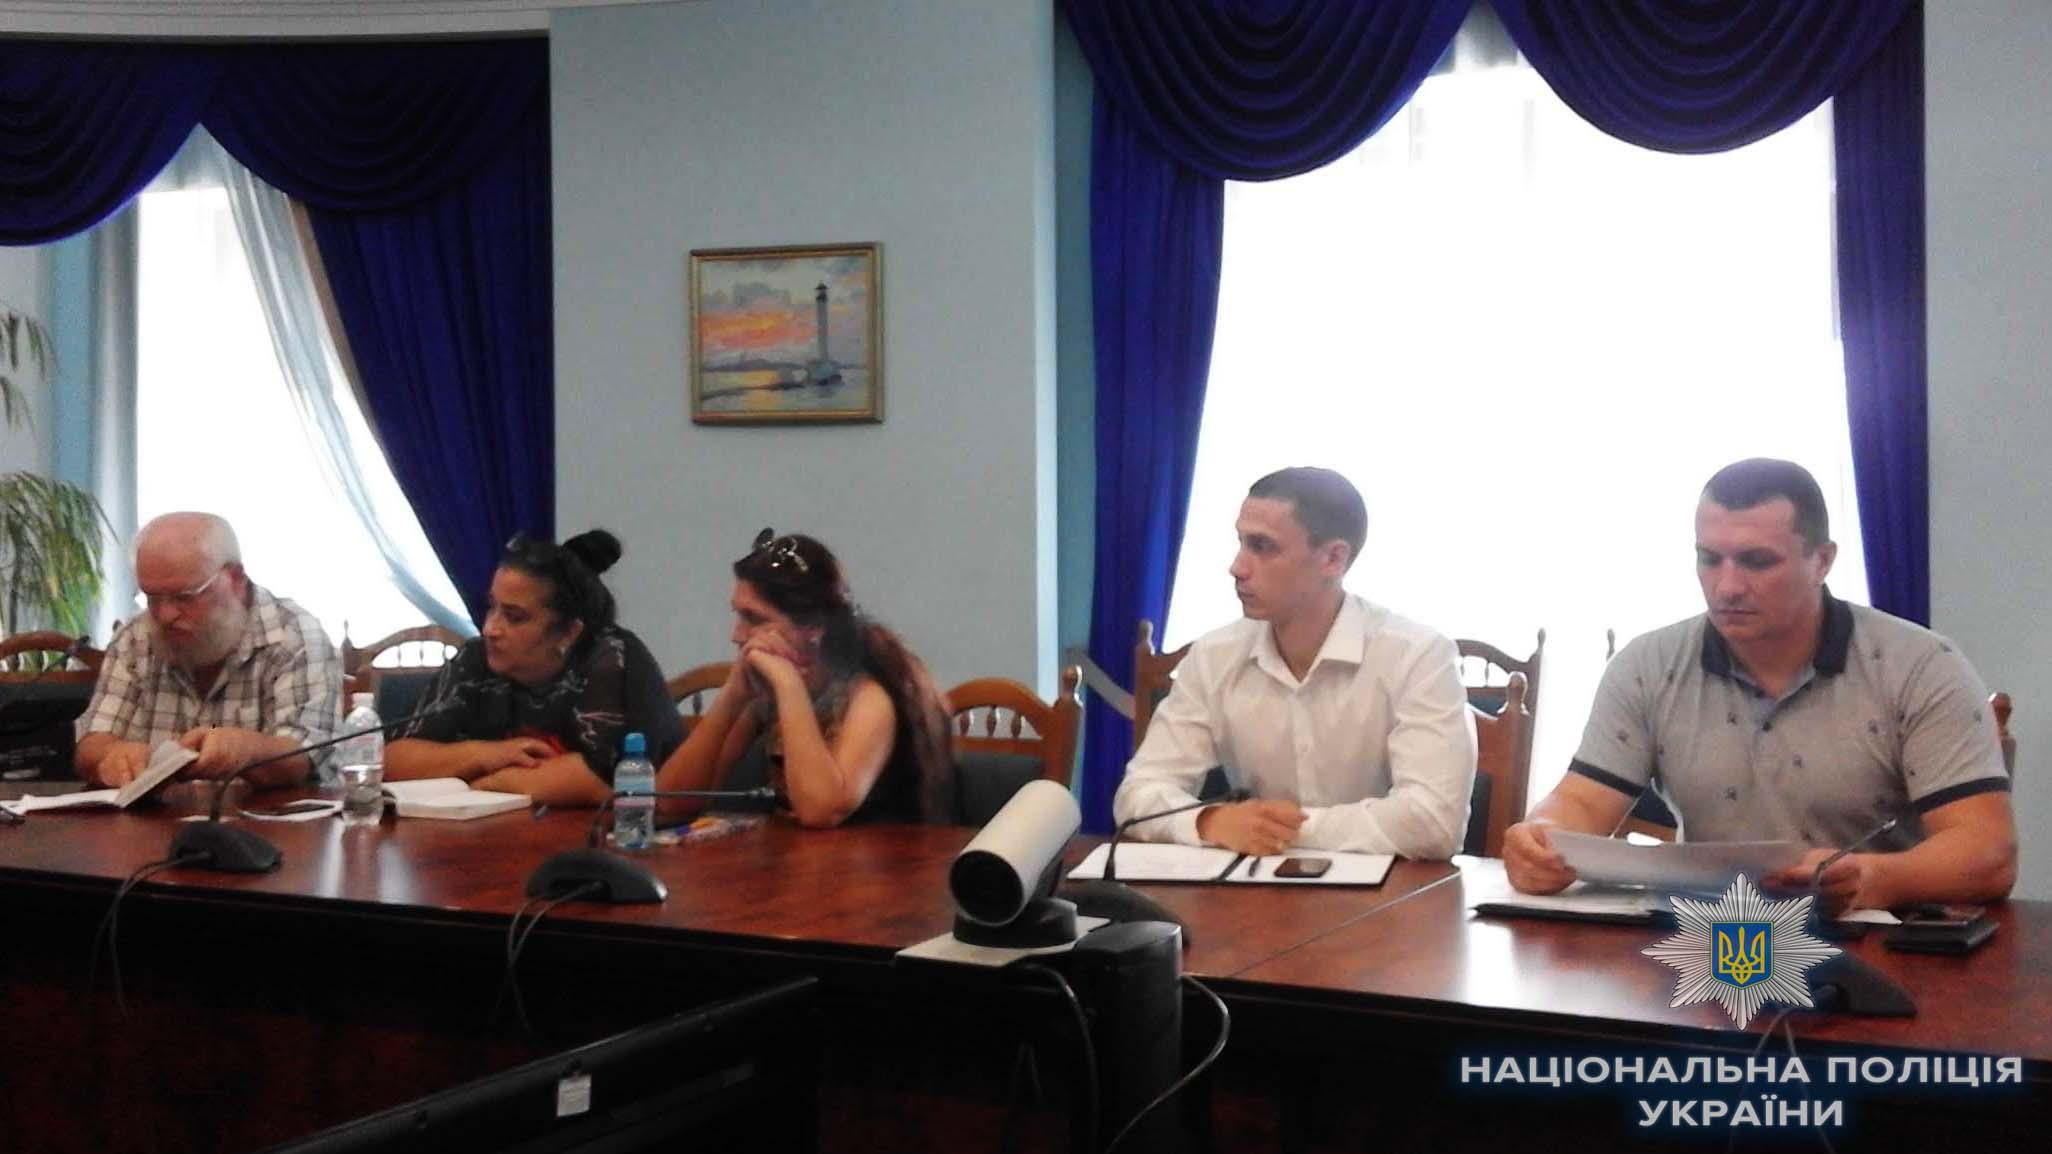 Правоохранители и власти Одесской области обсудили с ромами их социальную интеграцию в общество